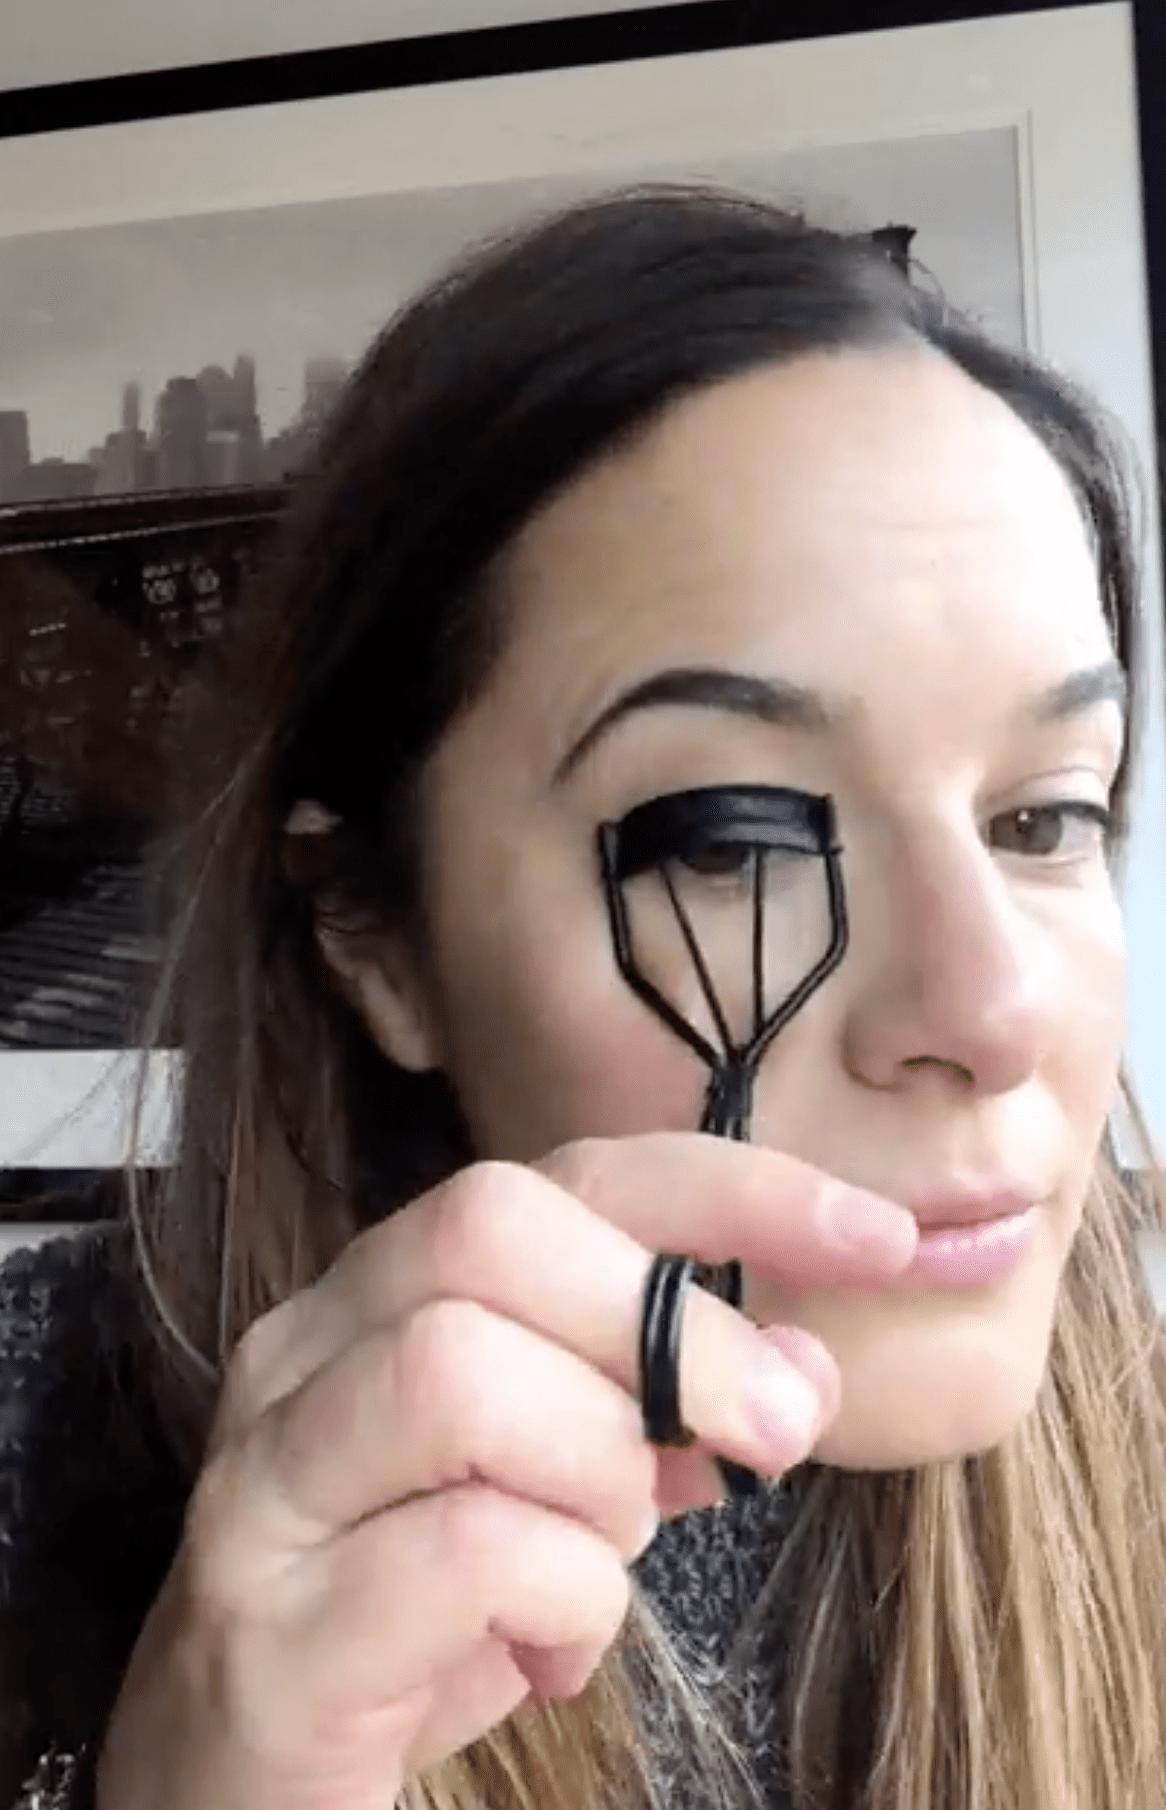 Makeup artist Jenna Menard curling her eyelashes